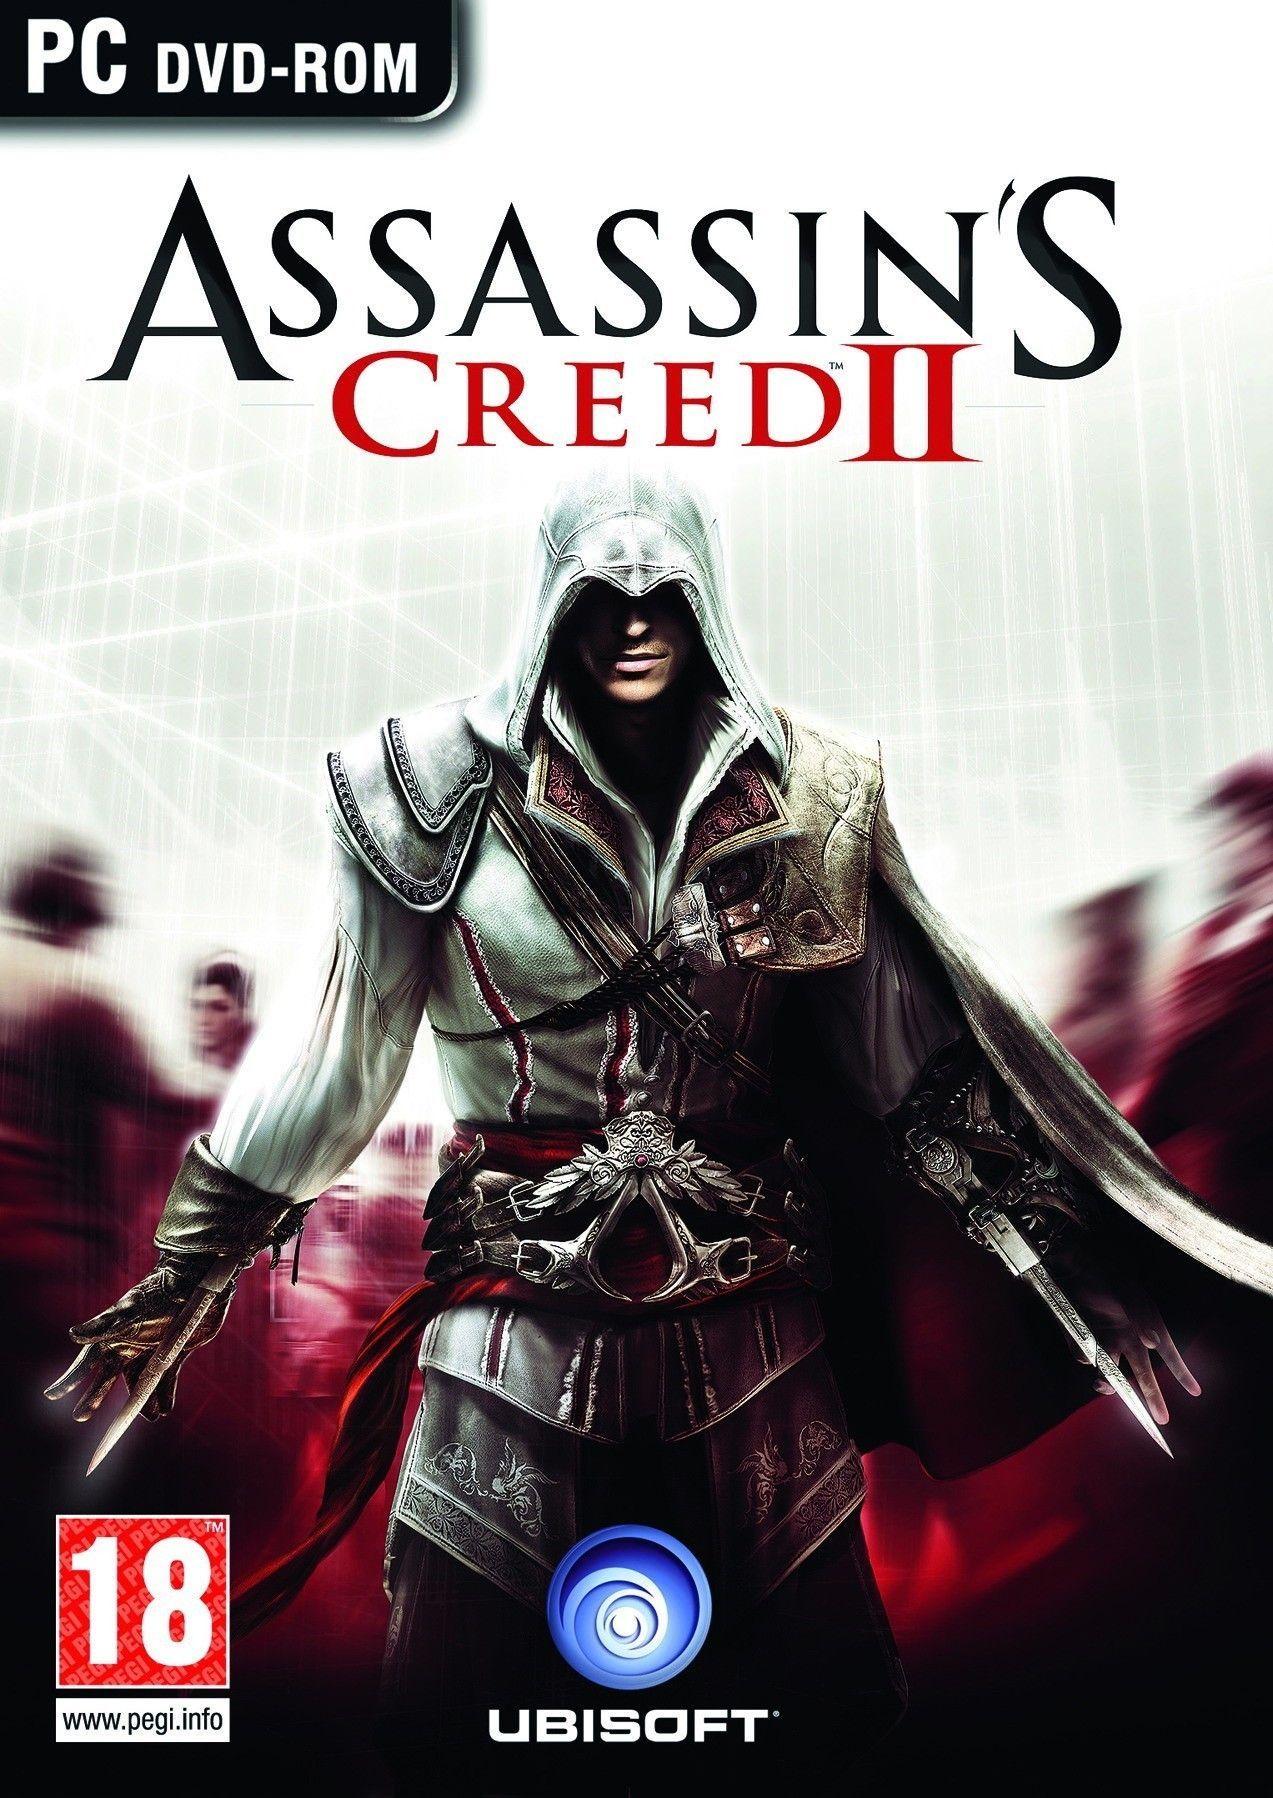 [Imagen: assassins-creed-2-201610161641_1.jpg]